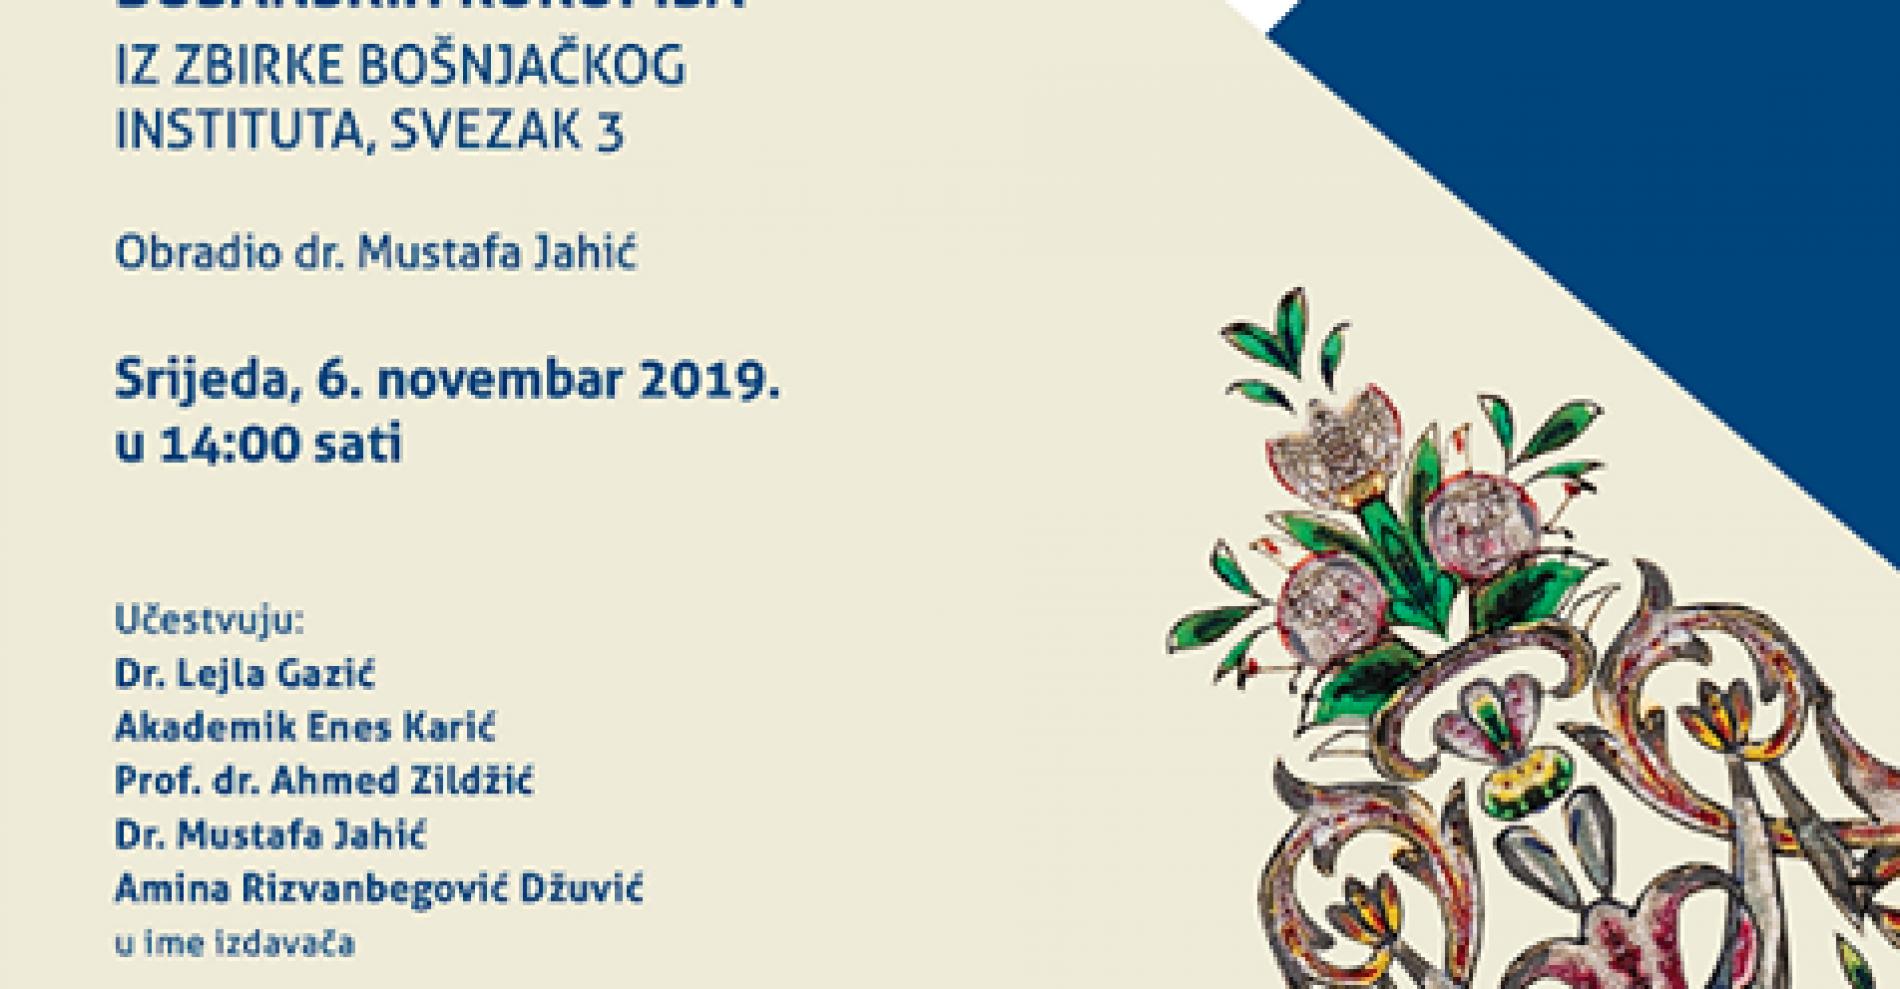 Katalog orijentalno-islamskih rukopisa vrijedan doprinos bosanskom naslijeđu